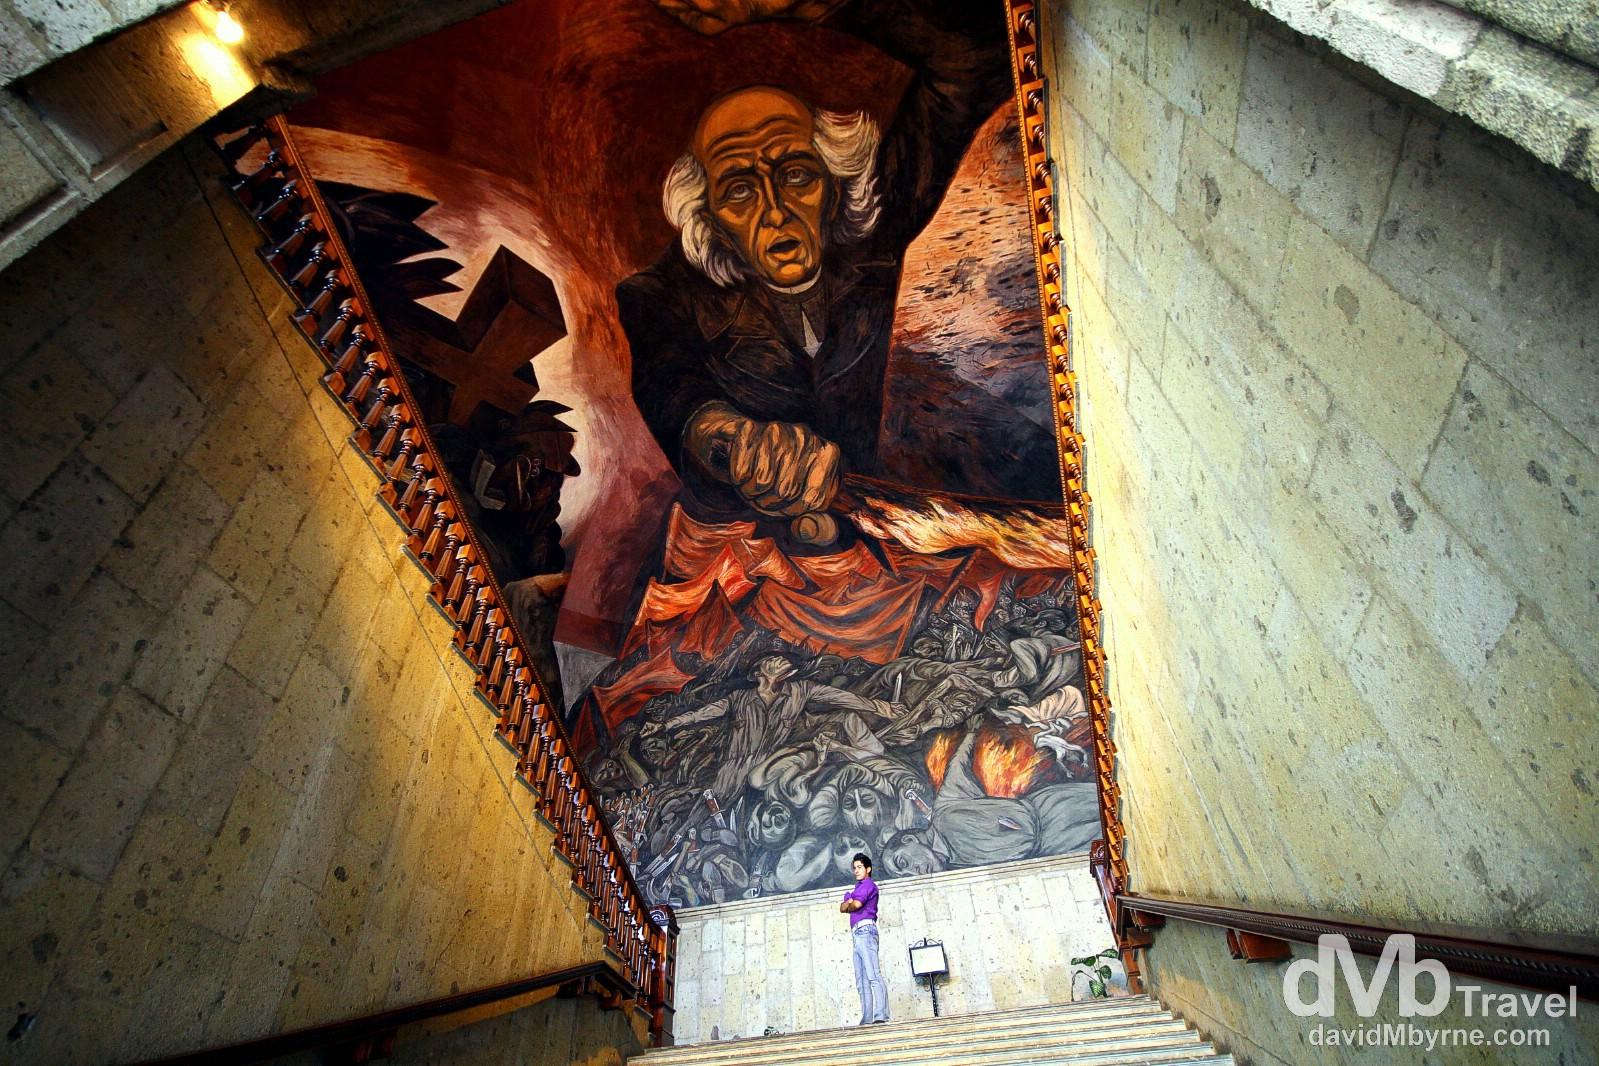 The Jose Clemente Orozoc mural of Miguel Hidalgo in the Placio de Gobierno, Guadalajara, Mexico. April 20th 2013.